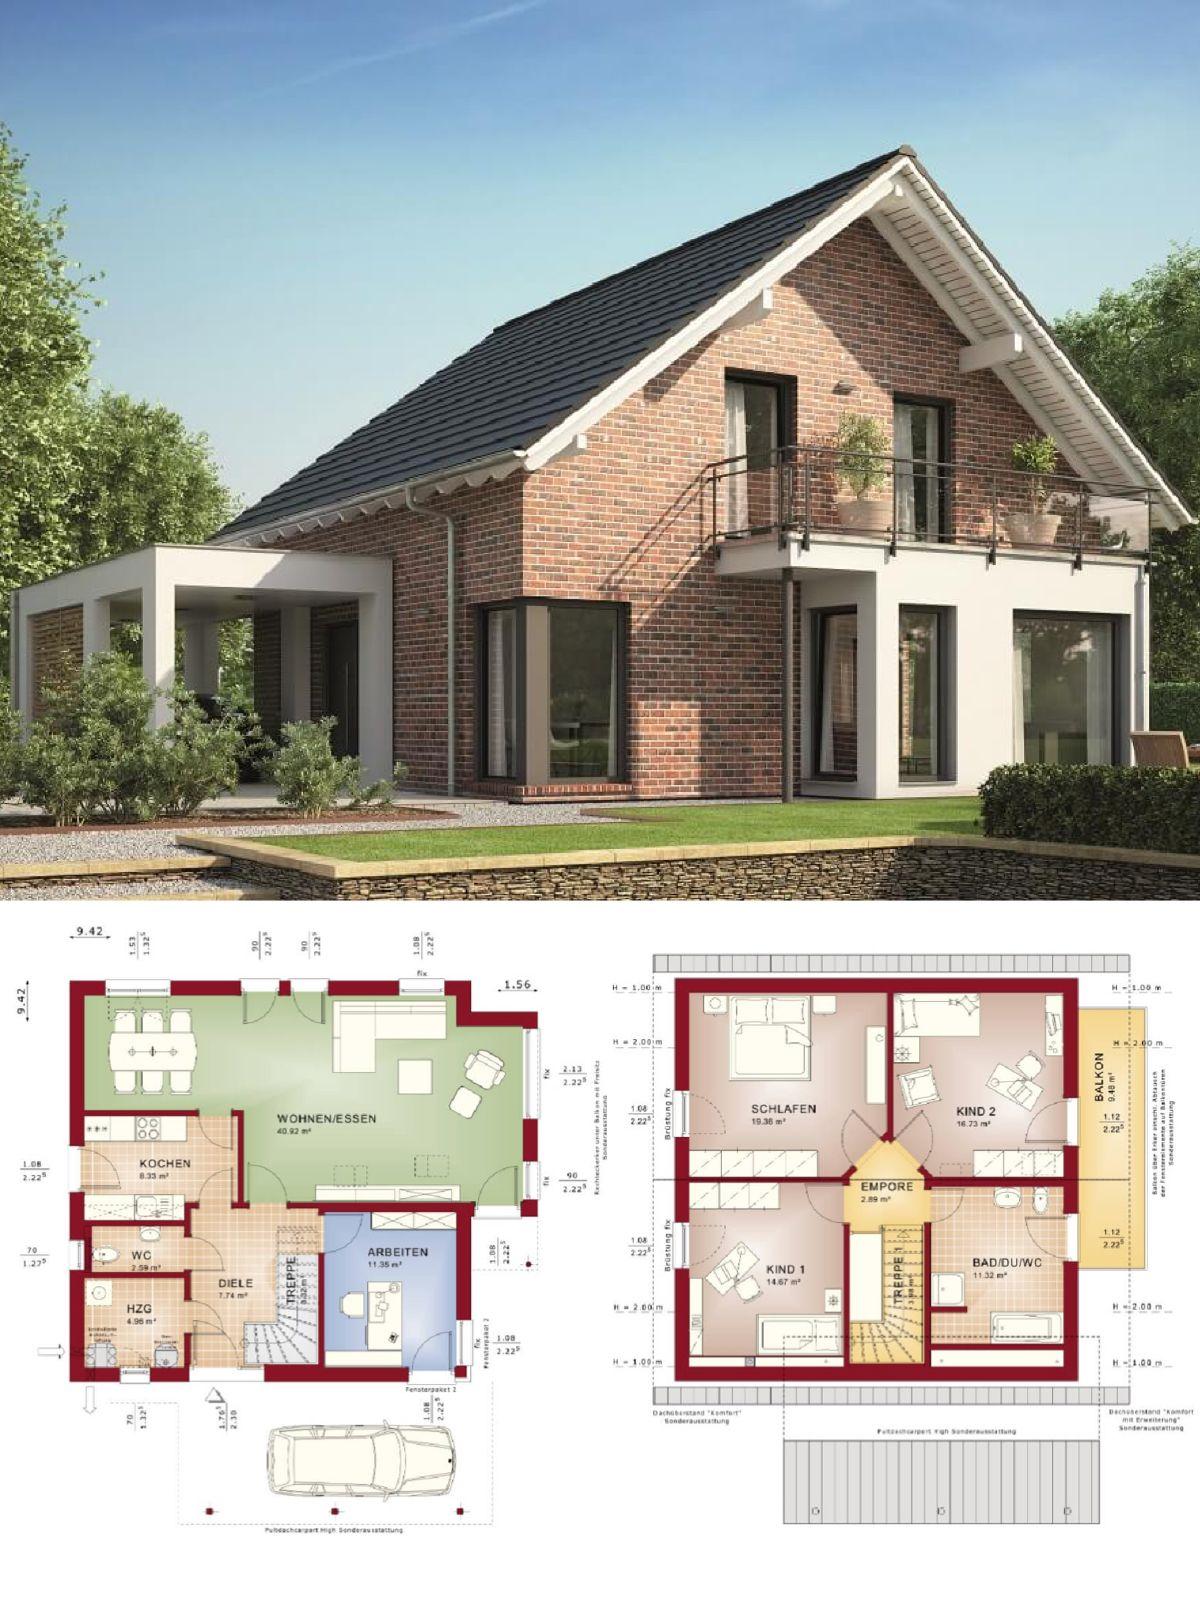 Wunderbar Haus Anbau Referenz Von Modernes Mit Klinker Fassade, Satteldach Architektur &